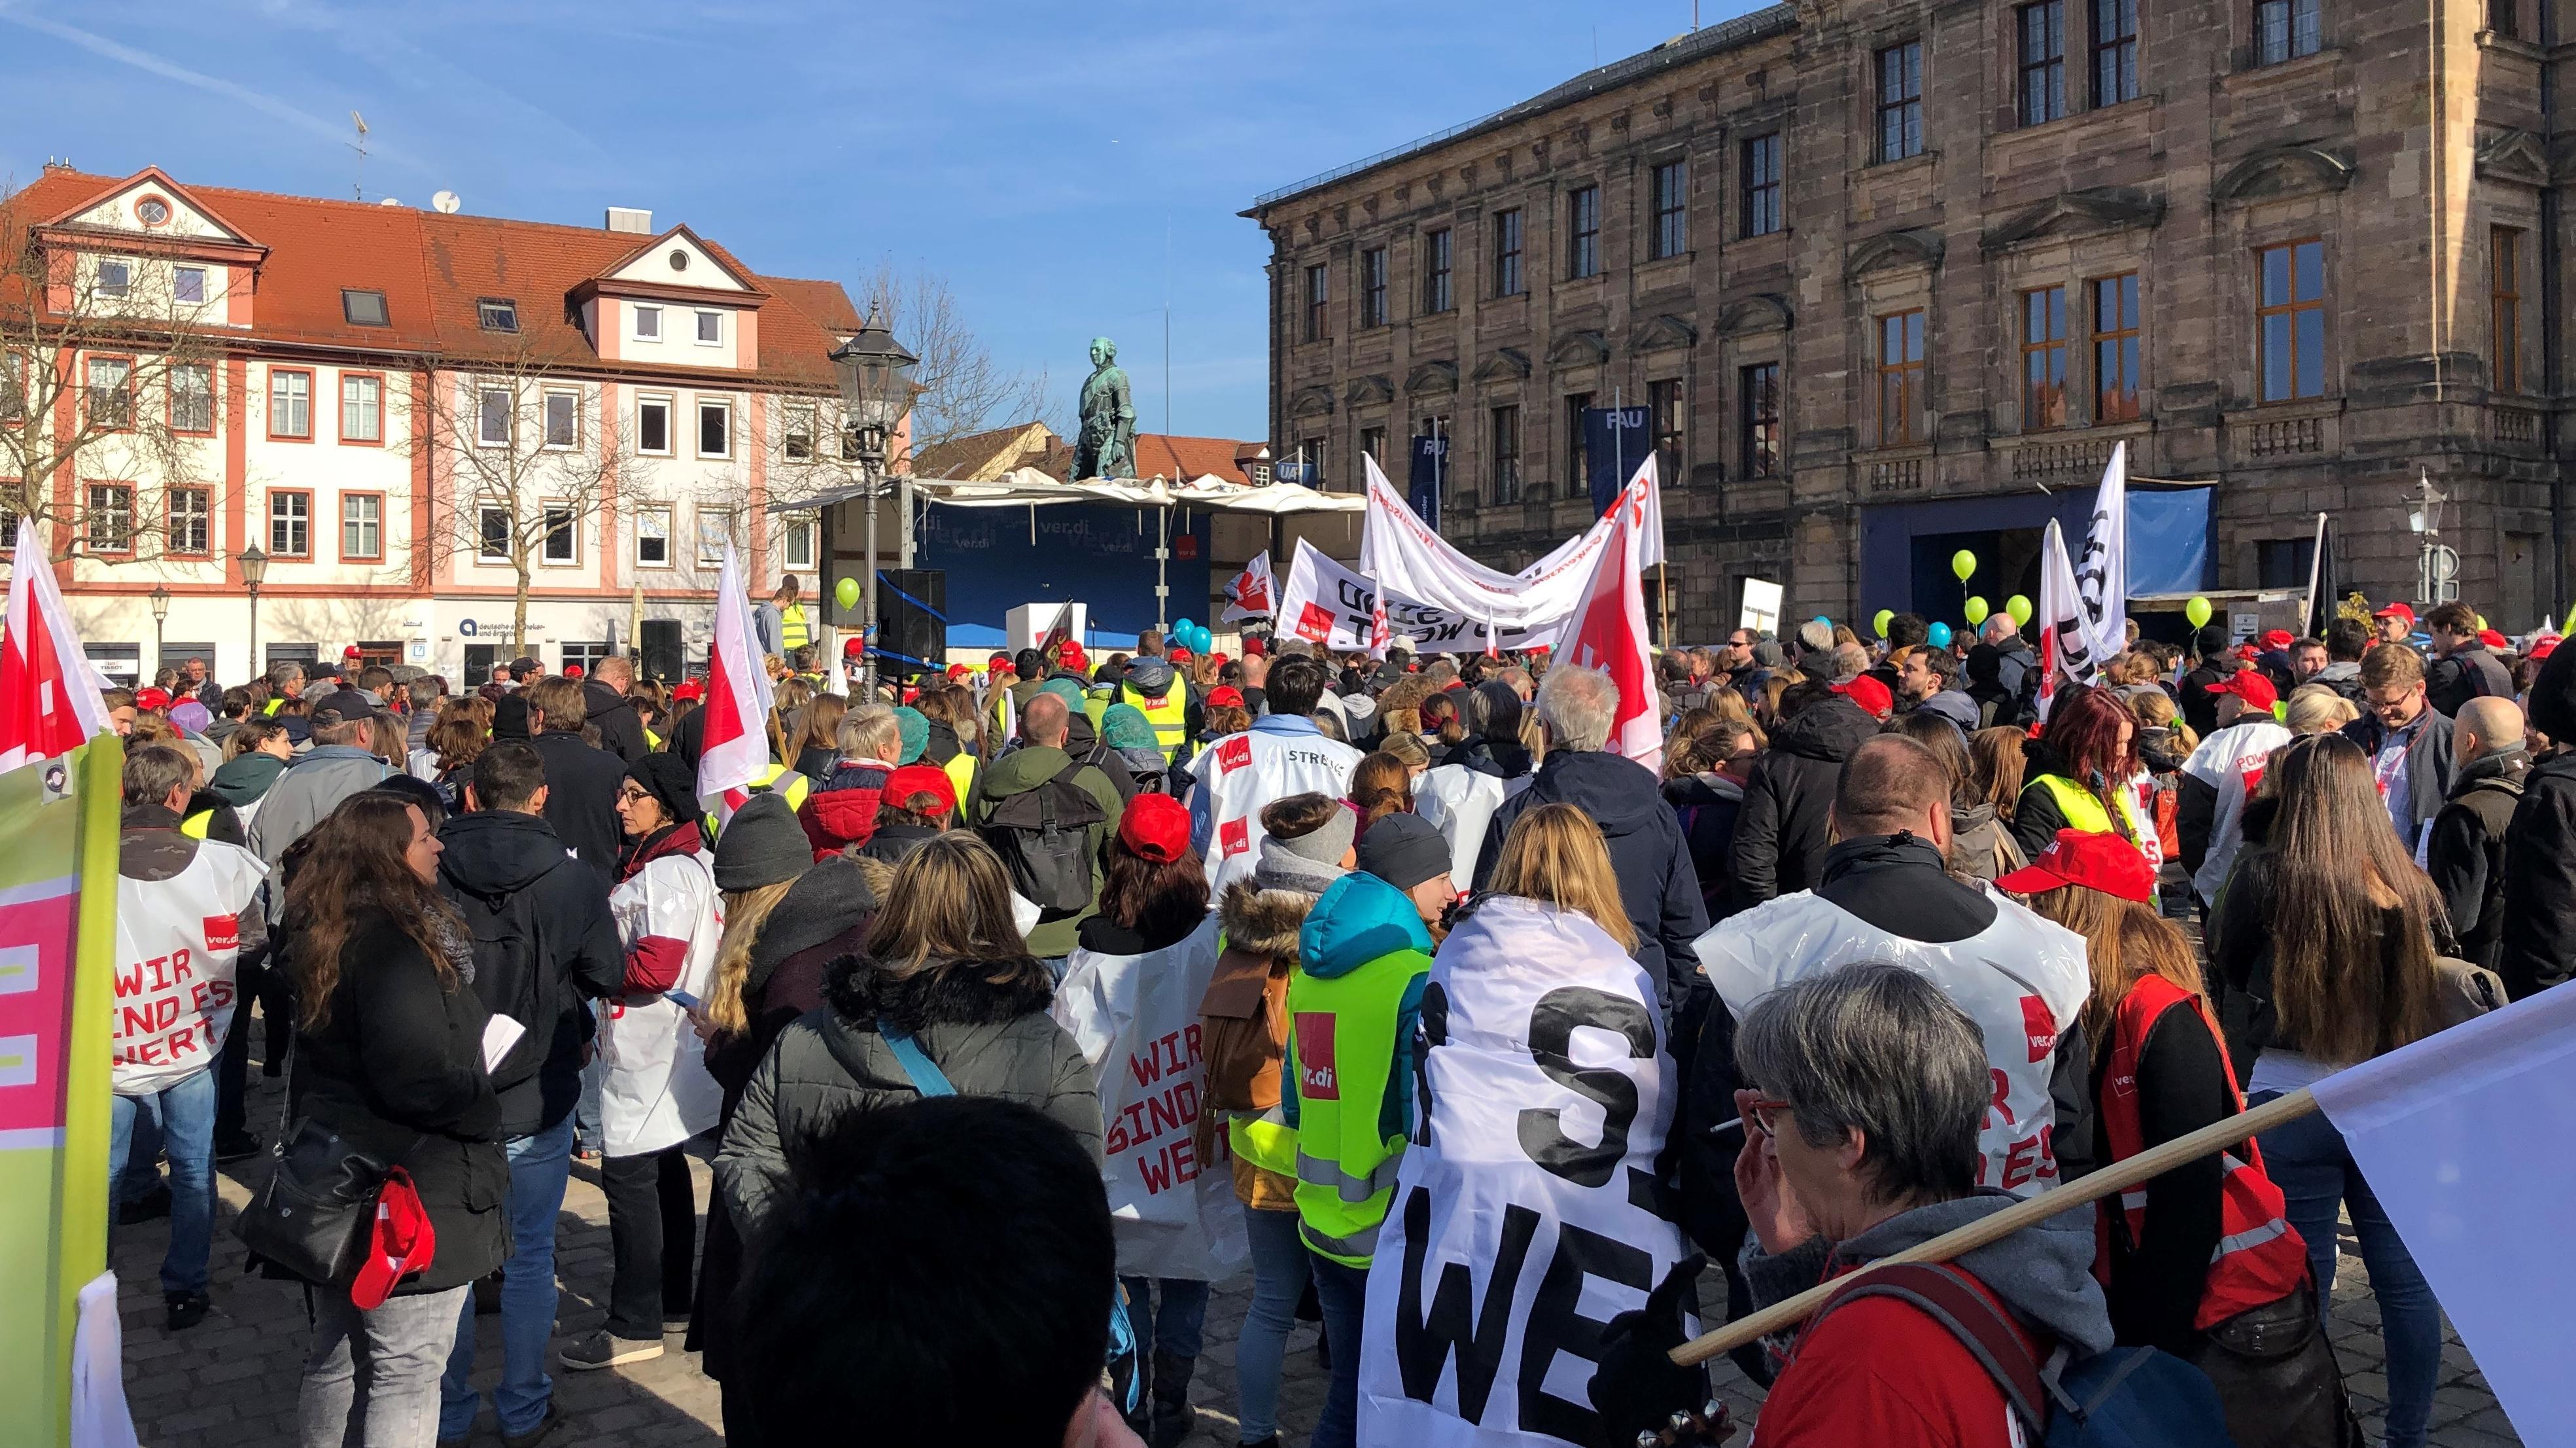 Warnstreik des öffentlichen Dienstes in Erlangen mit Kundgebung auf dem Schlossplatz.